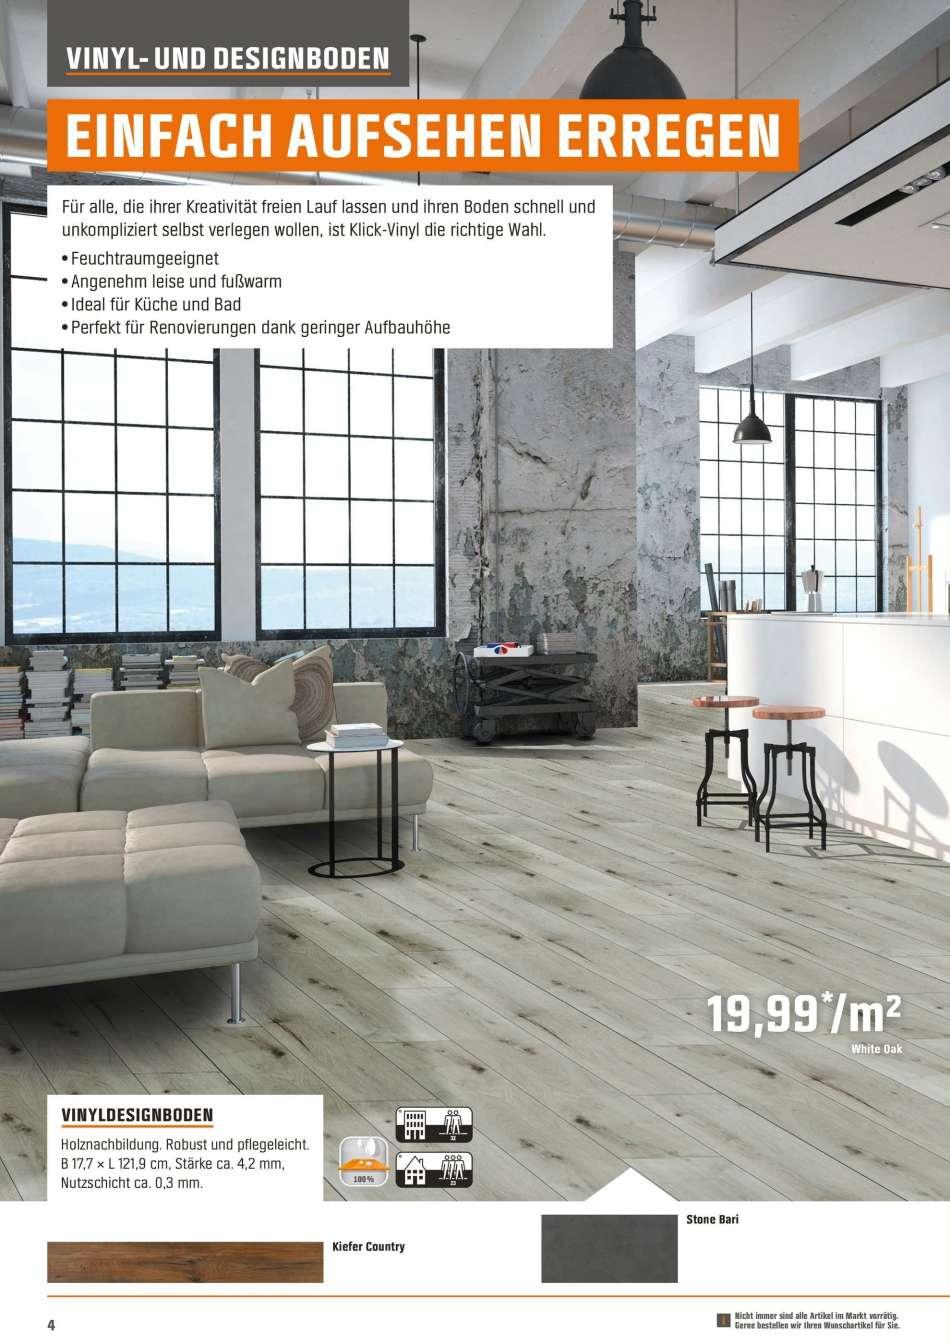 Full Size of Vinylboden Obi Angebote 1682018 3172019 Rabatt Kompass Nobilia Küche Einbauküche Fenster Im Bad Verlegen Wohnzimmer Mobile Immobilien Homburg Regale Wohnzimmer Vinylboden Obi